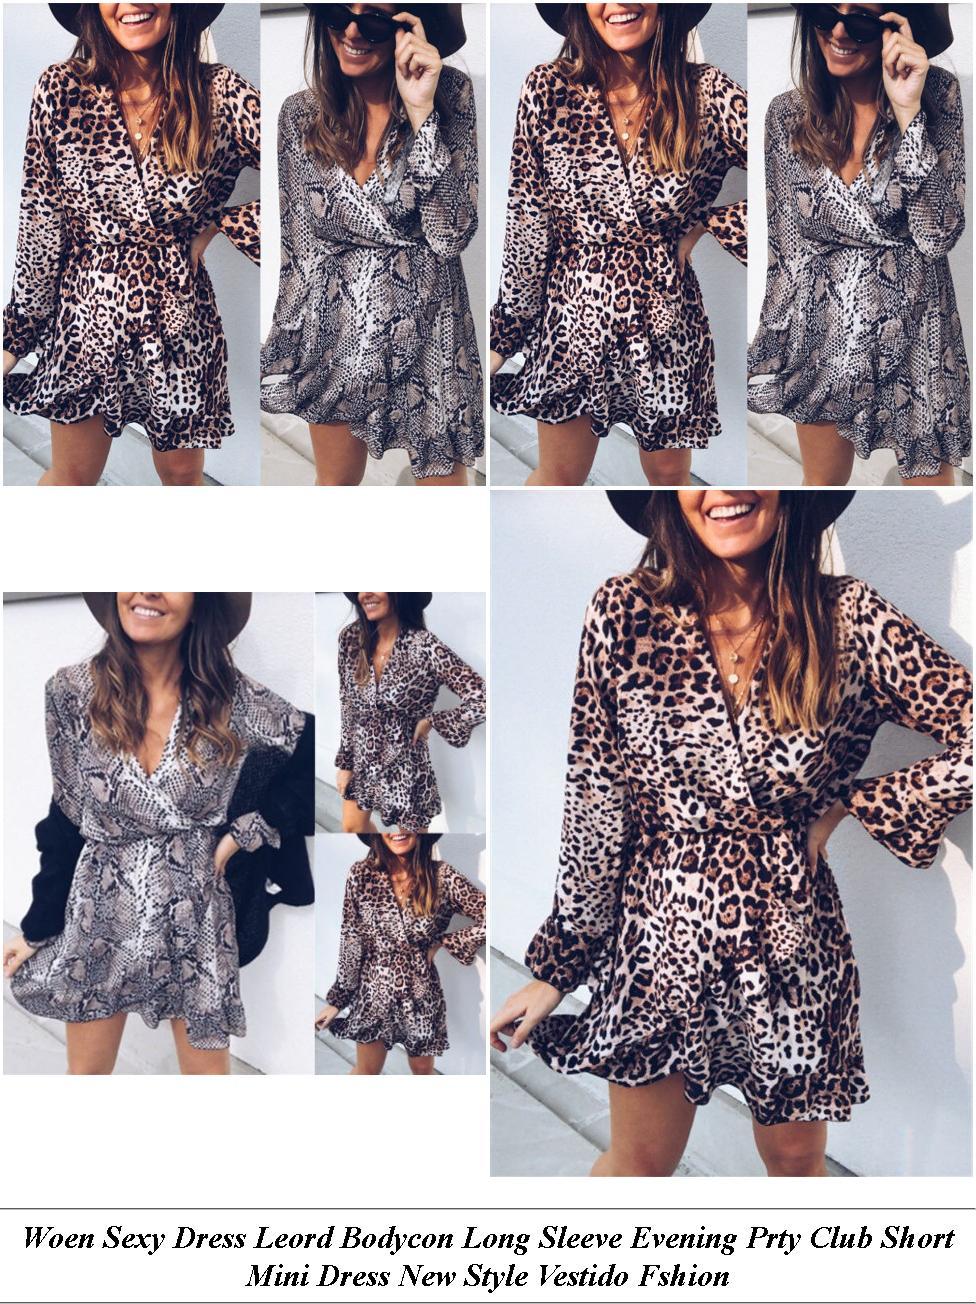 Maxi Dresses For Women - Winter Clothes Sale - Sequin Dress - Cheap Clothes Online